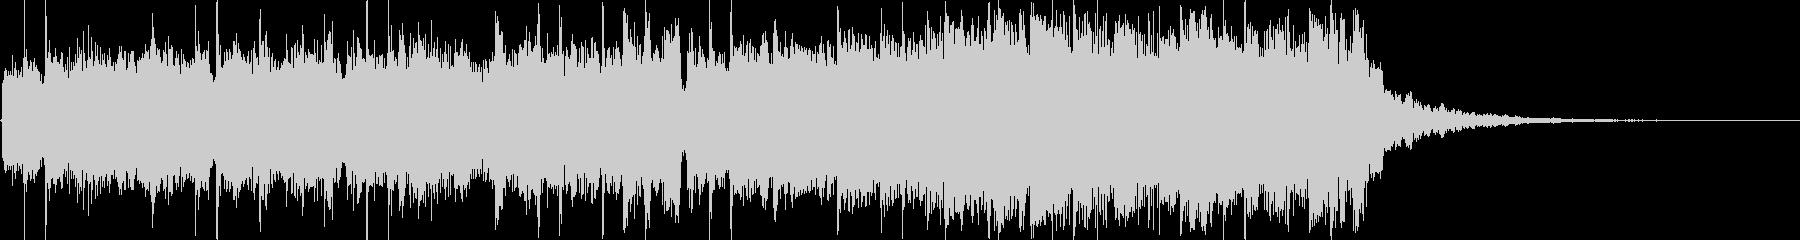 トイピアノとキラキラとしたエレクトニカの未再生の波形